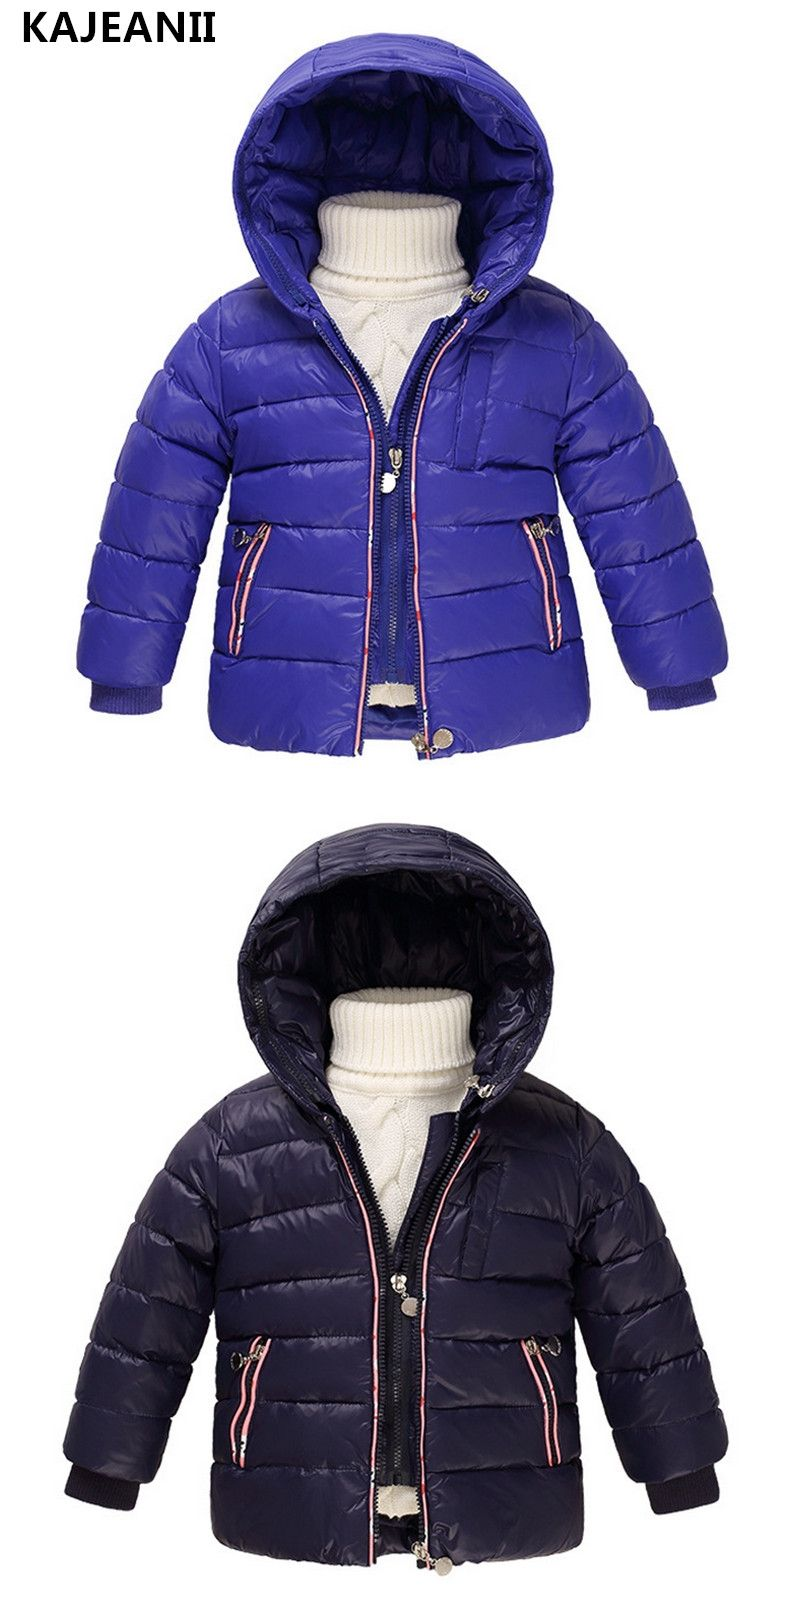 a646407c1 KAJEANII Children s Girls Outerwear White Duck Down Jackets Boy ...